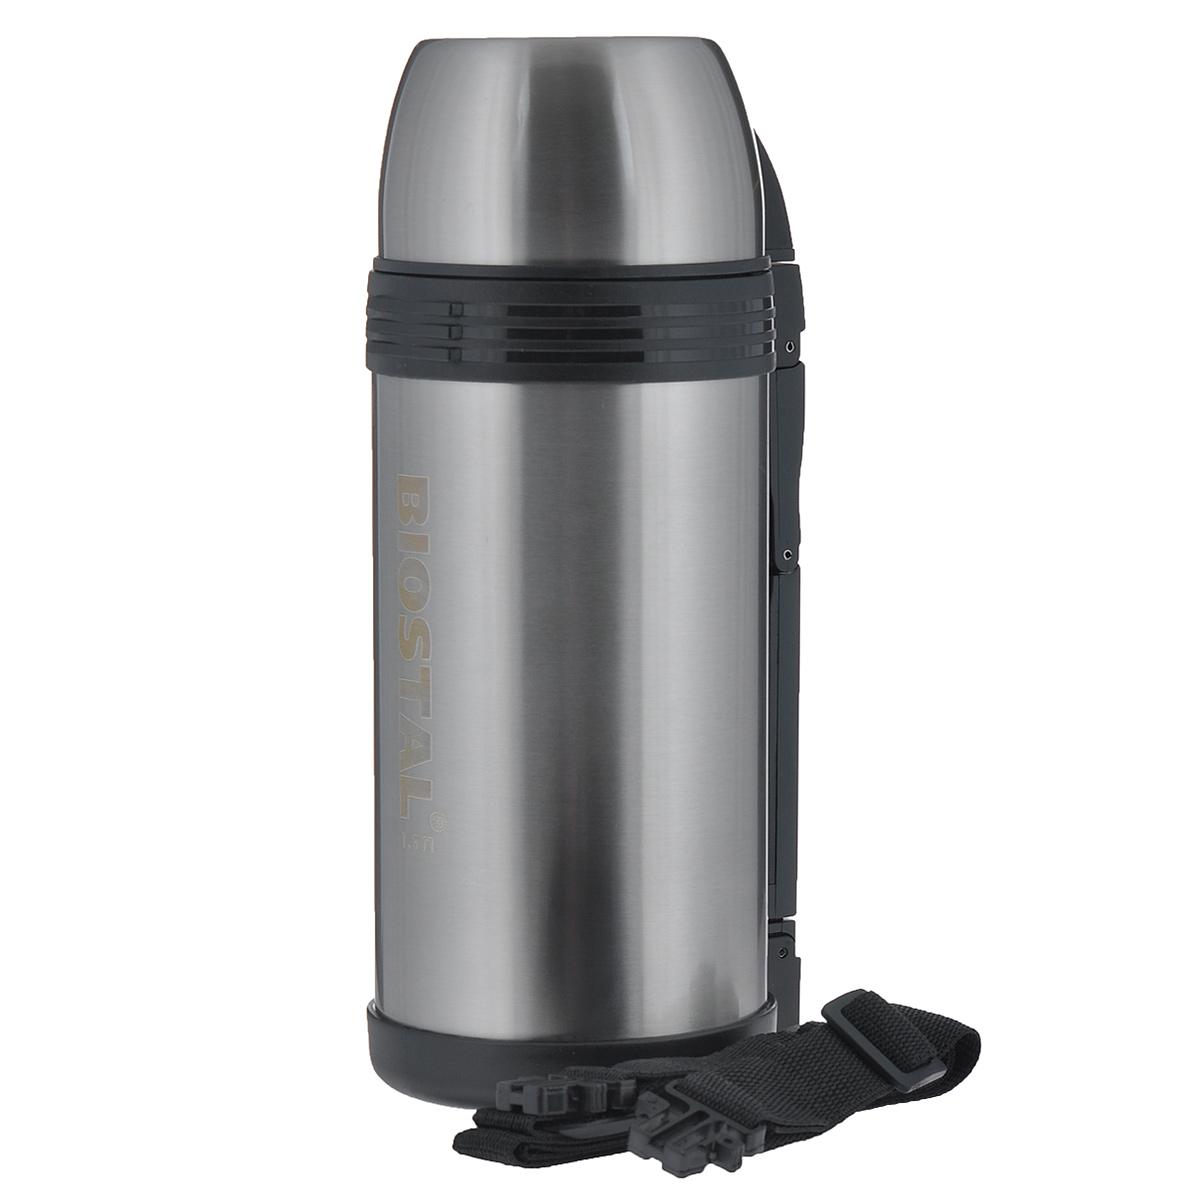 Термос BIOSTAL Спорт, 1,5 л. NGP-1500-PVT-1520(SR)Универсальный пищевой термос BIOSTAL Спорт, изготовленный из высококачественной нержавеющей стали, относится к серии Спорт премиум-класса. Термосы этой серии вобрали в себя самые передовые энергосберегающие технологии и отличаются применением более совершенных термоизоляционных материалов, а также новейшей технологией по откачке вакуума. Корпус покрыт защитным прозрачным лаком. Универсальный термос выполняет функции термоса для еды (первого или второго) и термоса для напитков (кофе, чая). Это достигается благодаря специальной универсальной пробке, которая изготовлена из прочного пластика, легко разбирается для мытья и, обладая дополнительной теплоизоляцией, позволяет термосу дольше хранить тепло. Конструкция пробки позволяет использовать термос, как для напитков, так и для первых и вторых блюд. Изделие оснащено удобной ручкой, ремешком для переноски, крышкой-чашкой и дополнительной пластиковой чашкой. Легкий и прочный термос BIOSTAL Спорт сохранит ваши напитки и продукты горячими или холодными надолго.